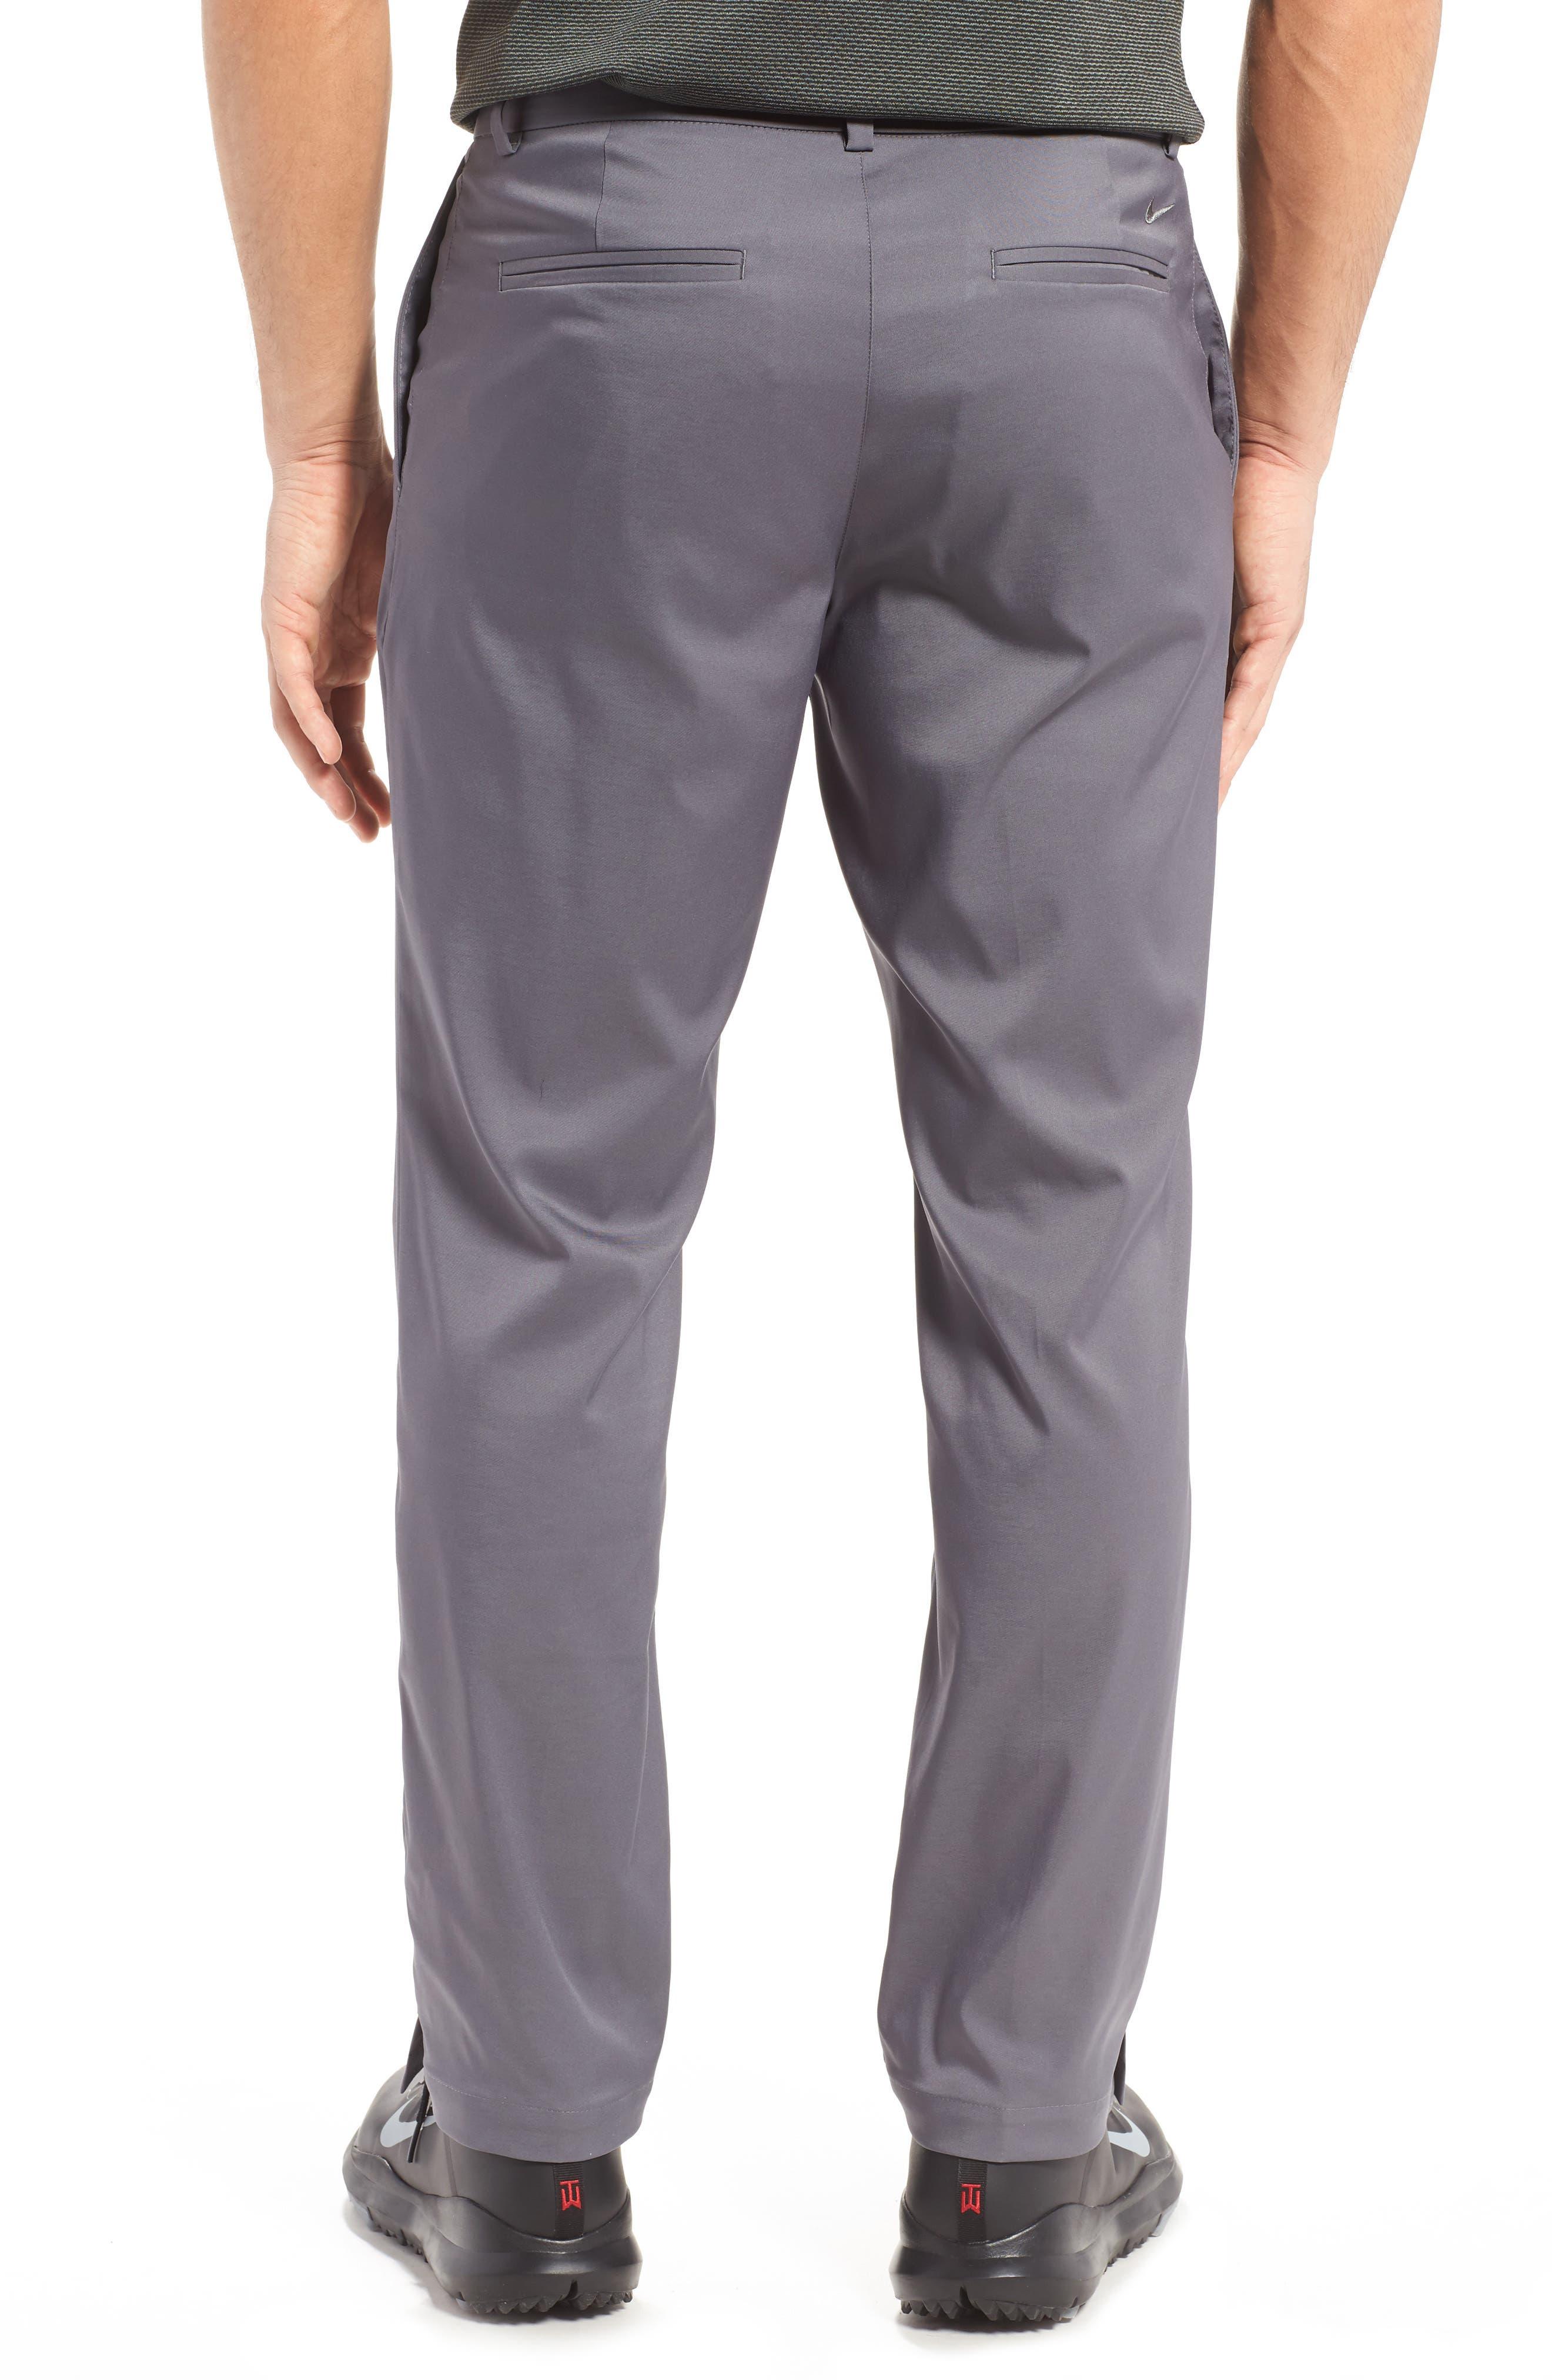 Flat Front Dri-FIT Tech Golf Pants,                             Alternate thumbnail 13, color,